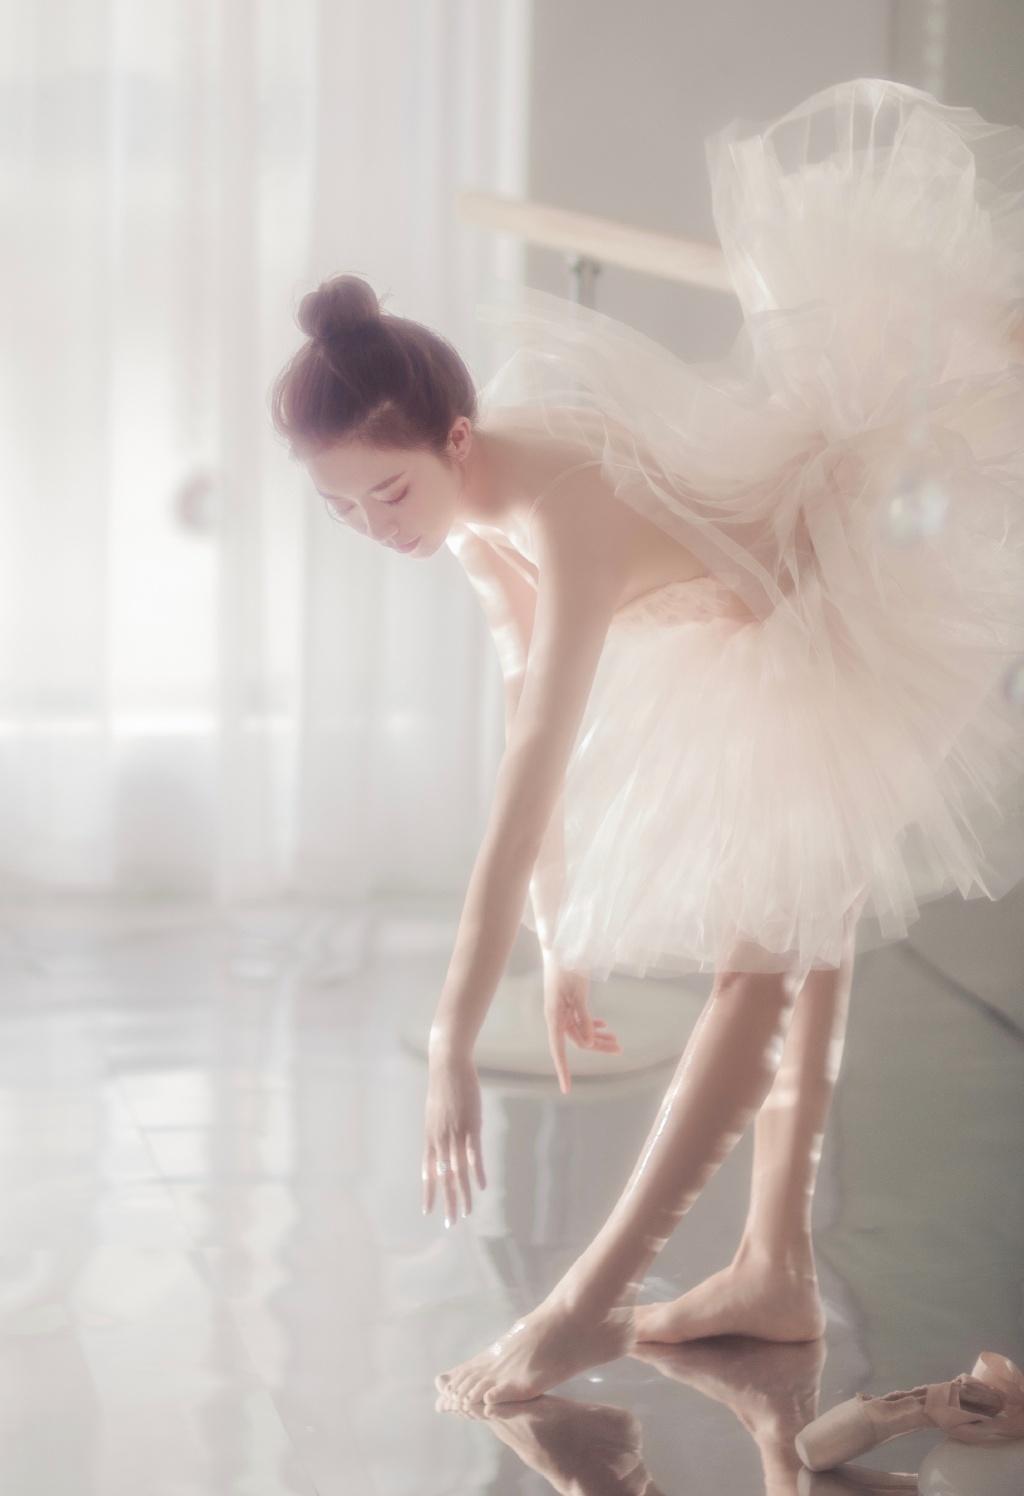 芭蕾小仙女,这就是你们越来越喜欢跳舞的女孩子的原因吗? 涨姿势 第7张